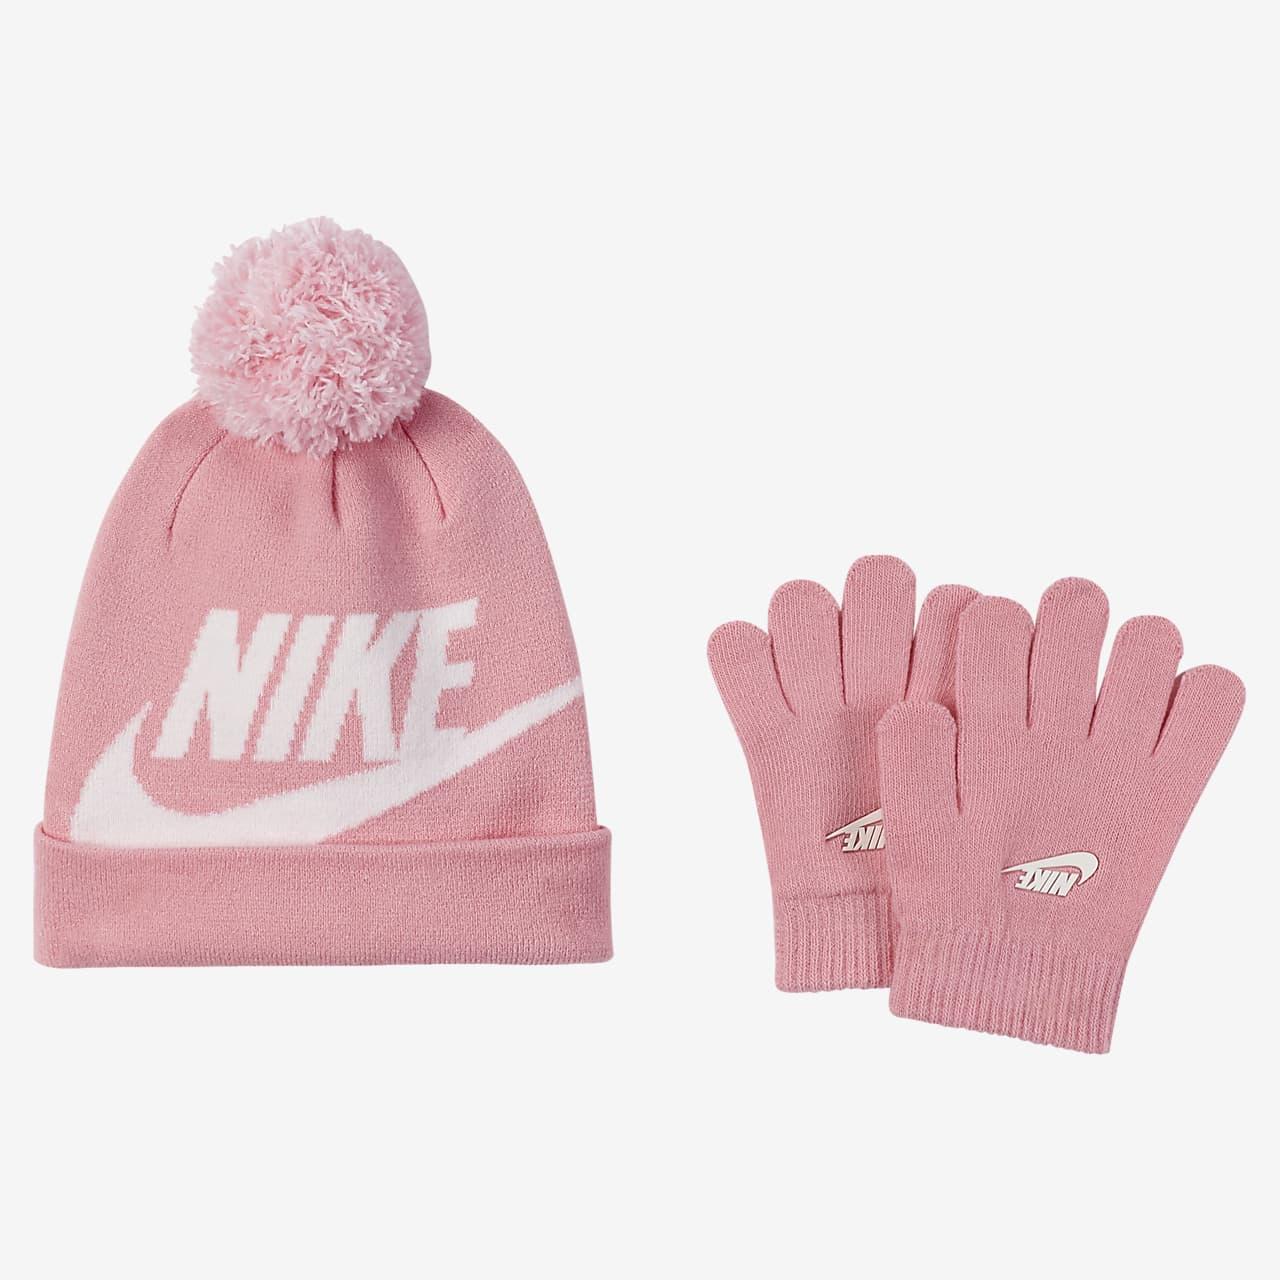 Dvoudílná souprava čepice a rukavic Nike pro menší děti